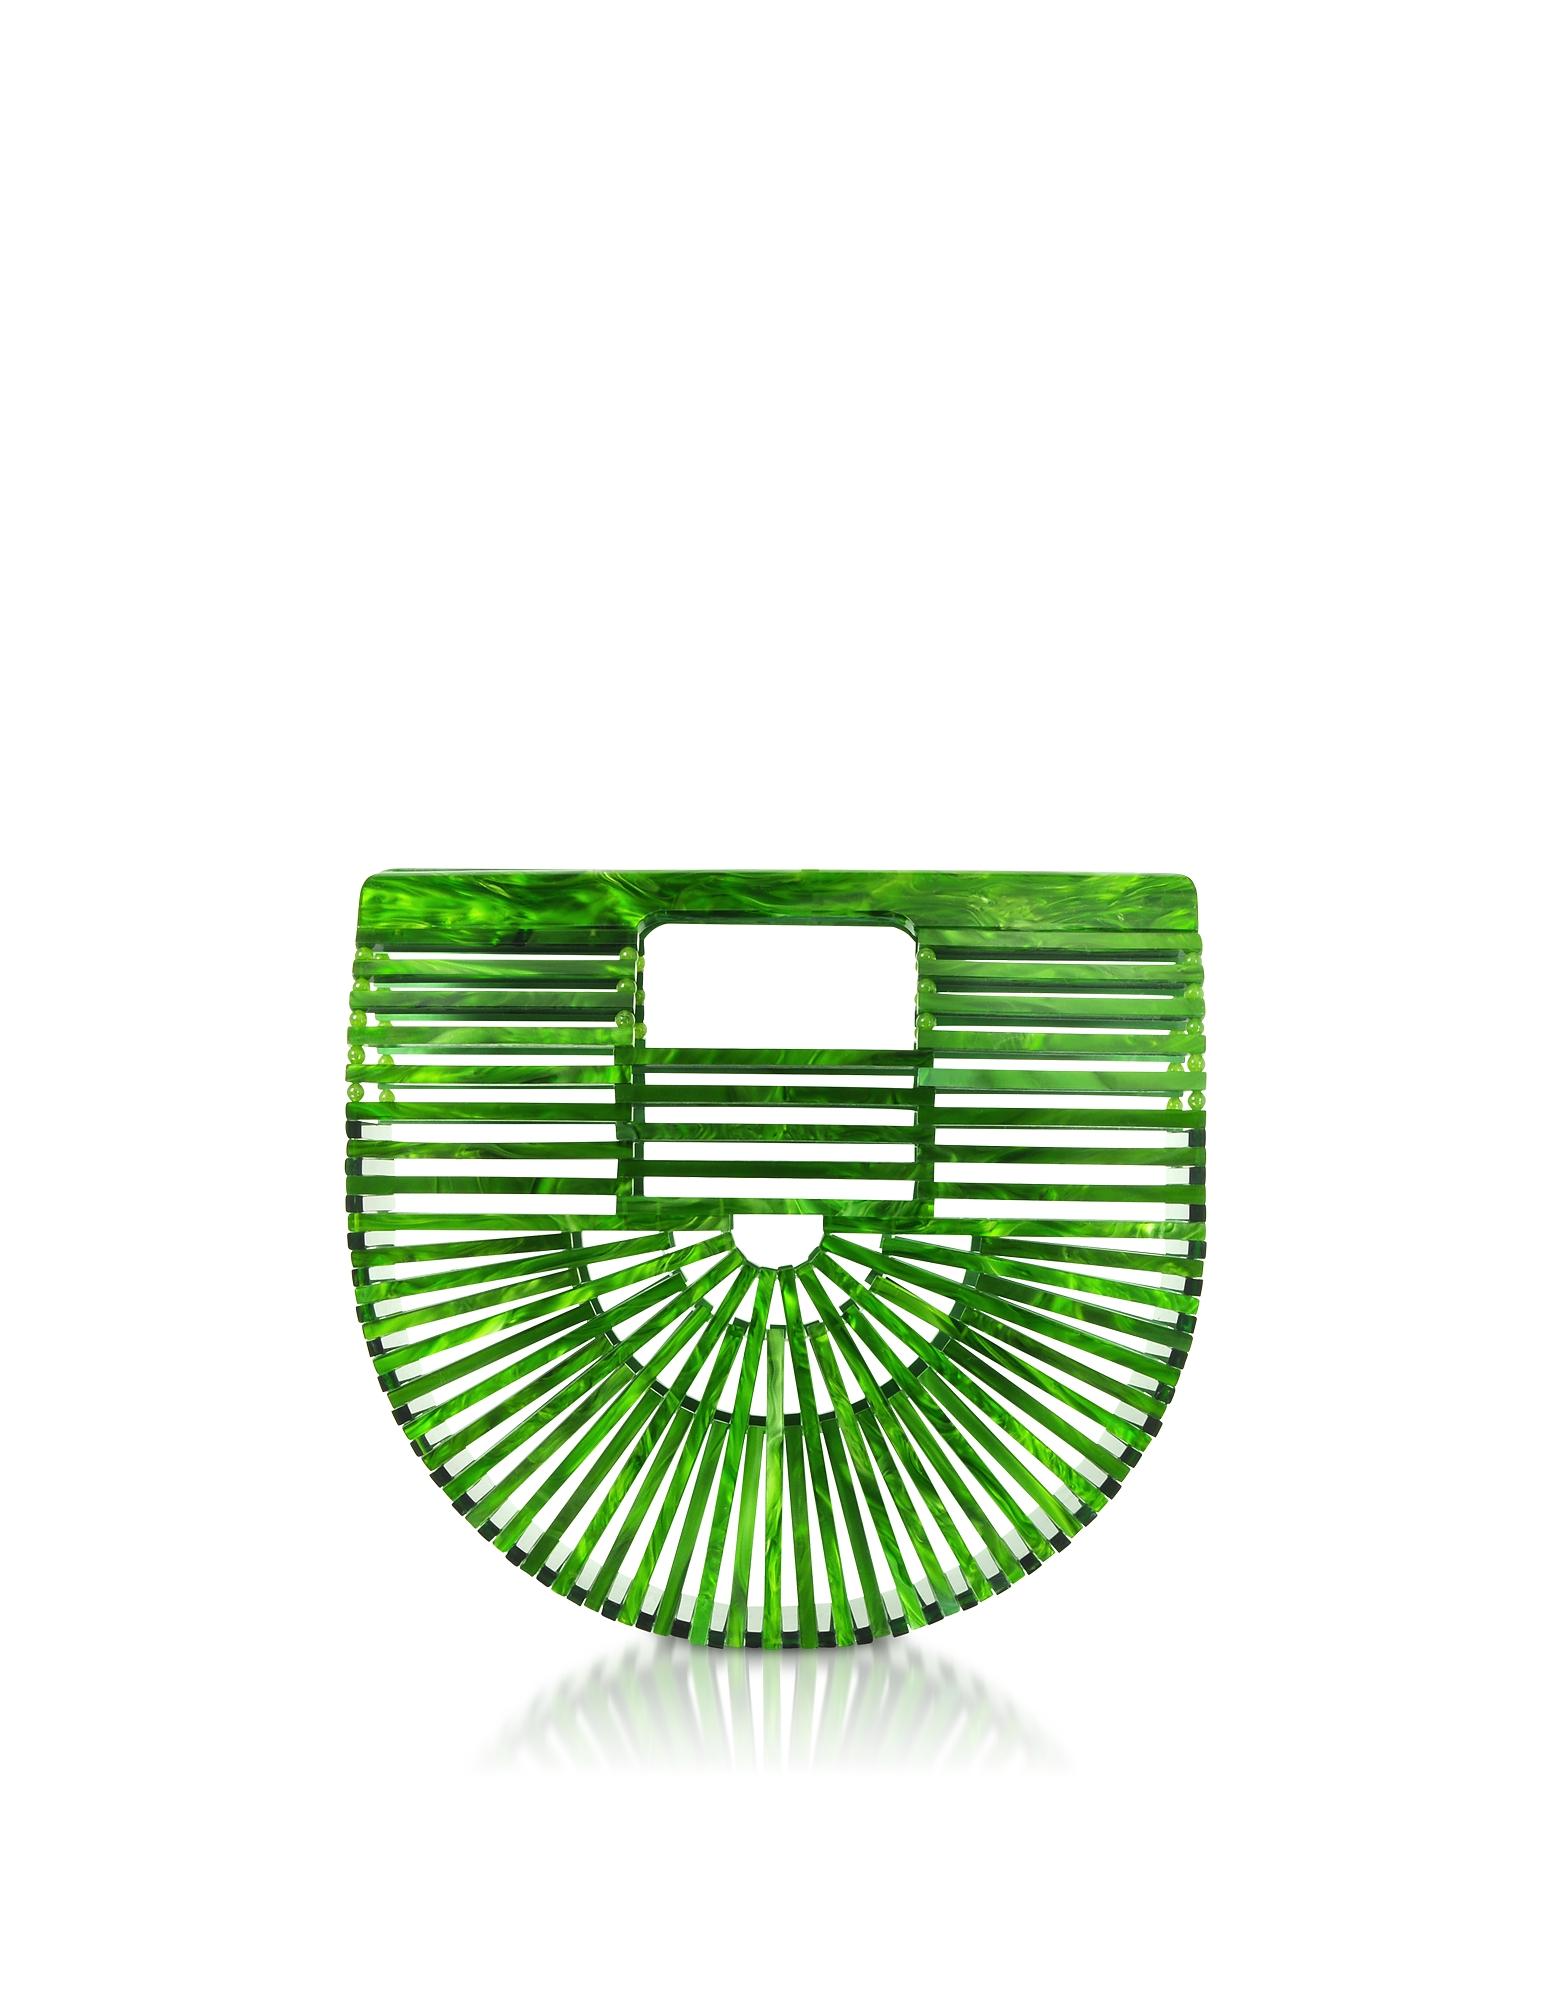 Mini Ark Bag in Acrilico Malachite